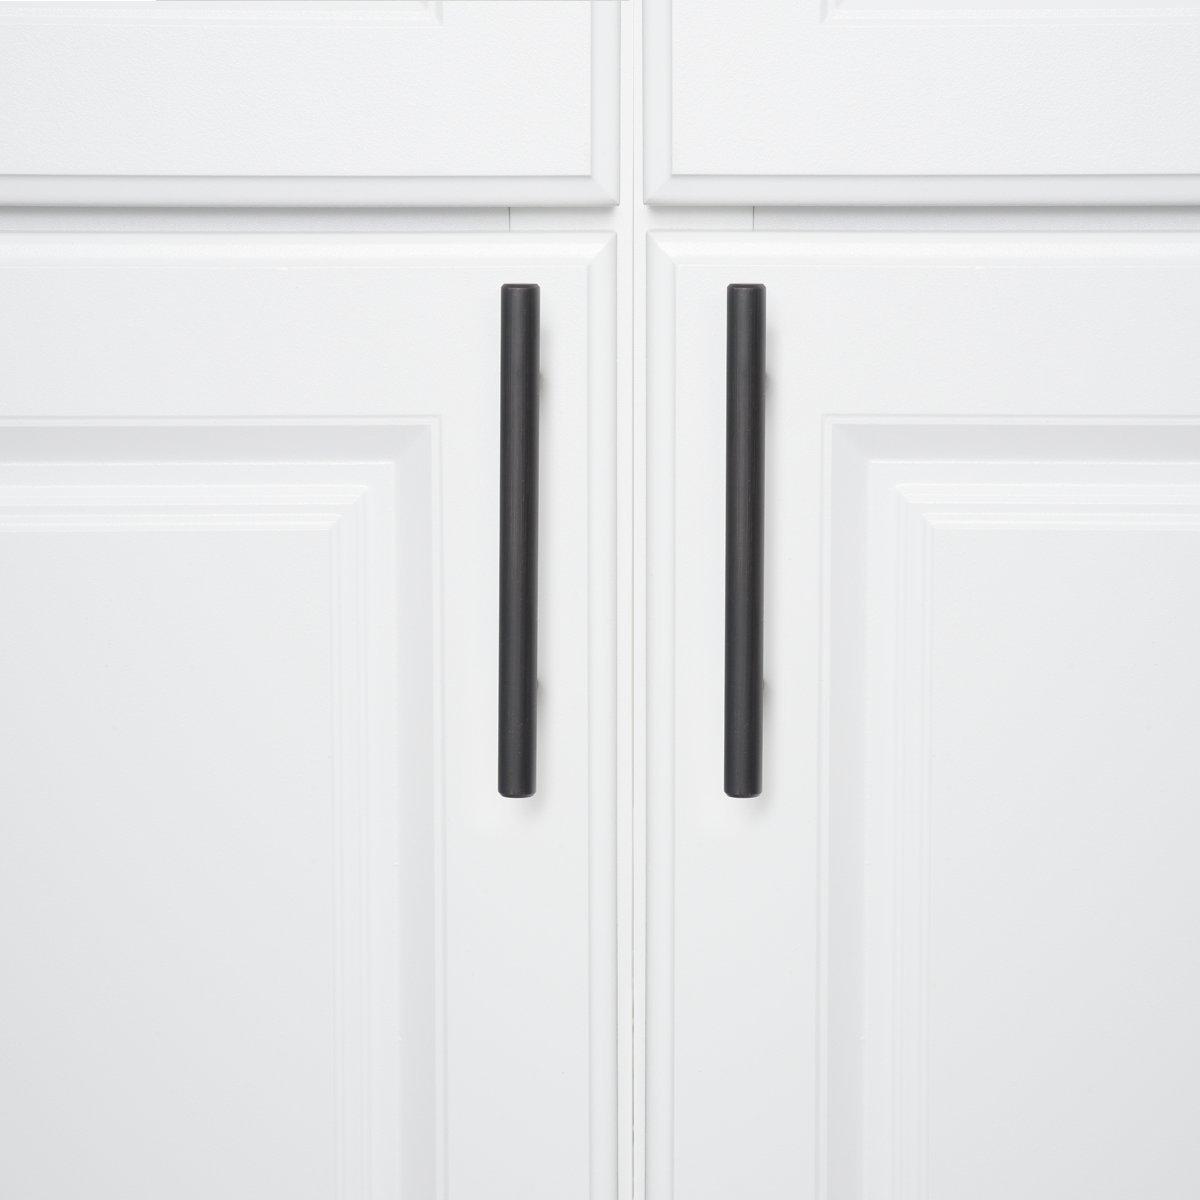 Lochmitte zu Lochmitte: 19,05 cm 1,27 cm Durchmesser Europ/äischer Steggriff Matt-Schwarz 10er-Pack Basics L/änge: 25,4 cm M/öbelgriff